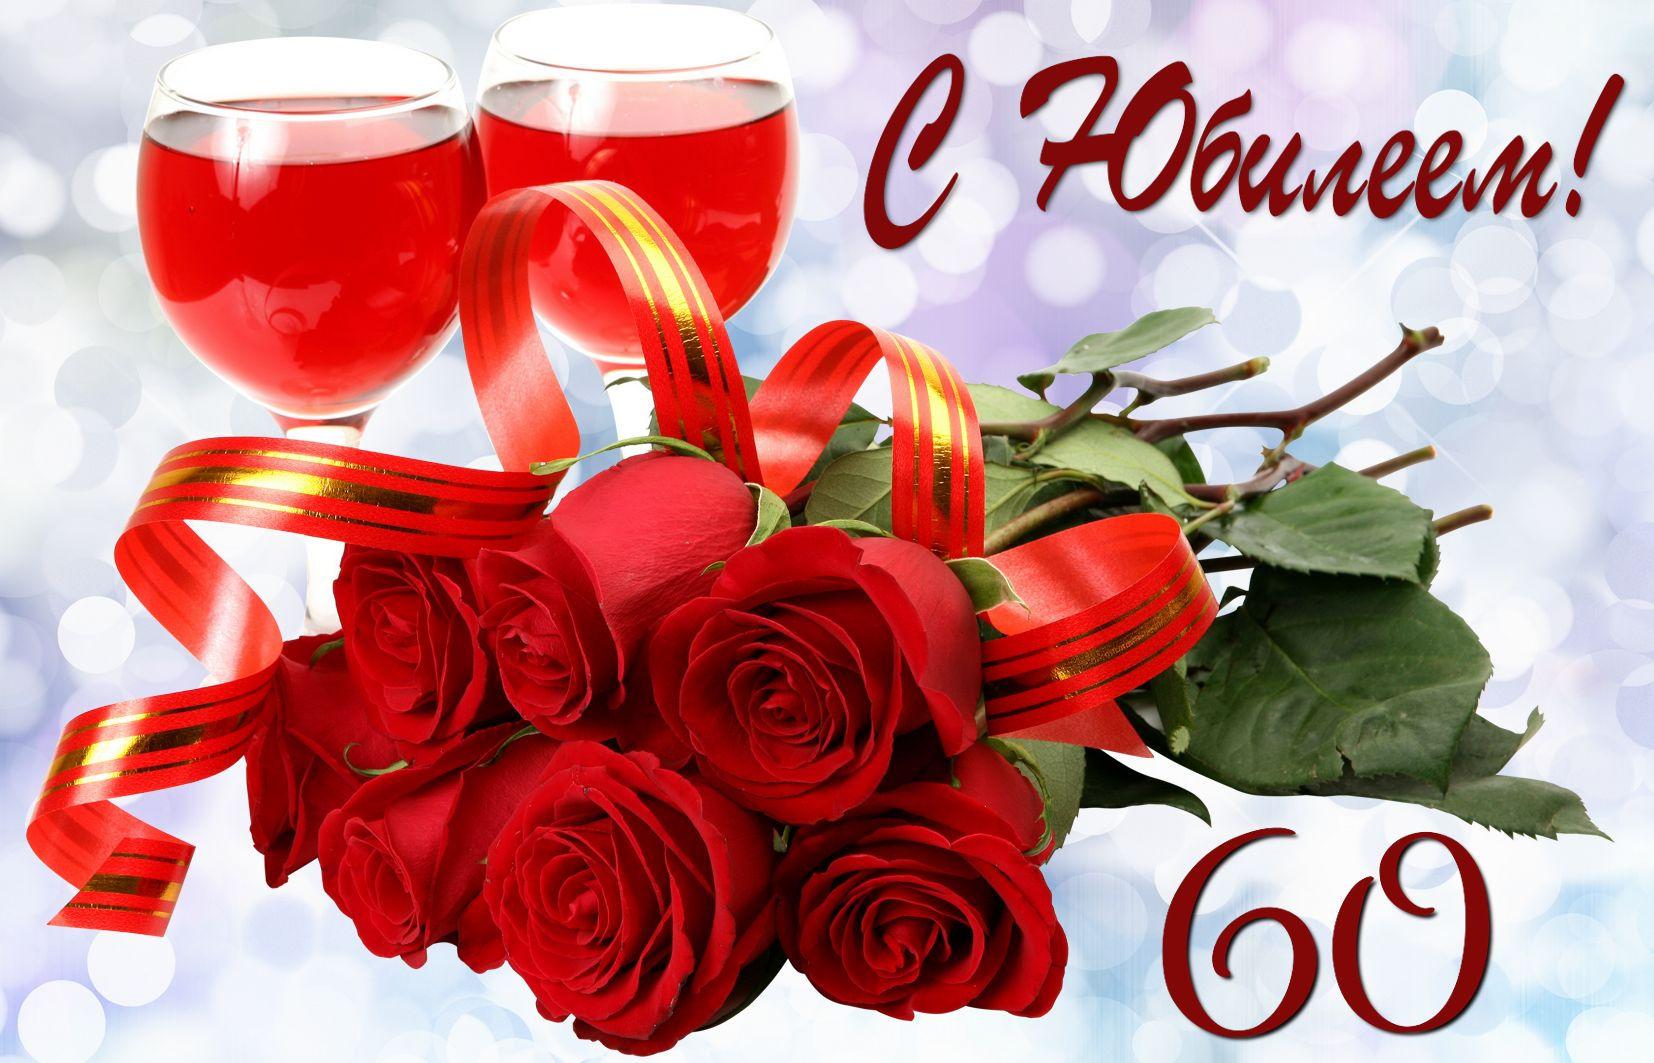 Открытка на 60 лет - бокалы с вином и розы на юбилей